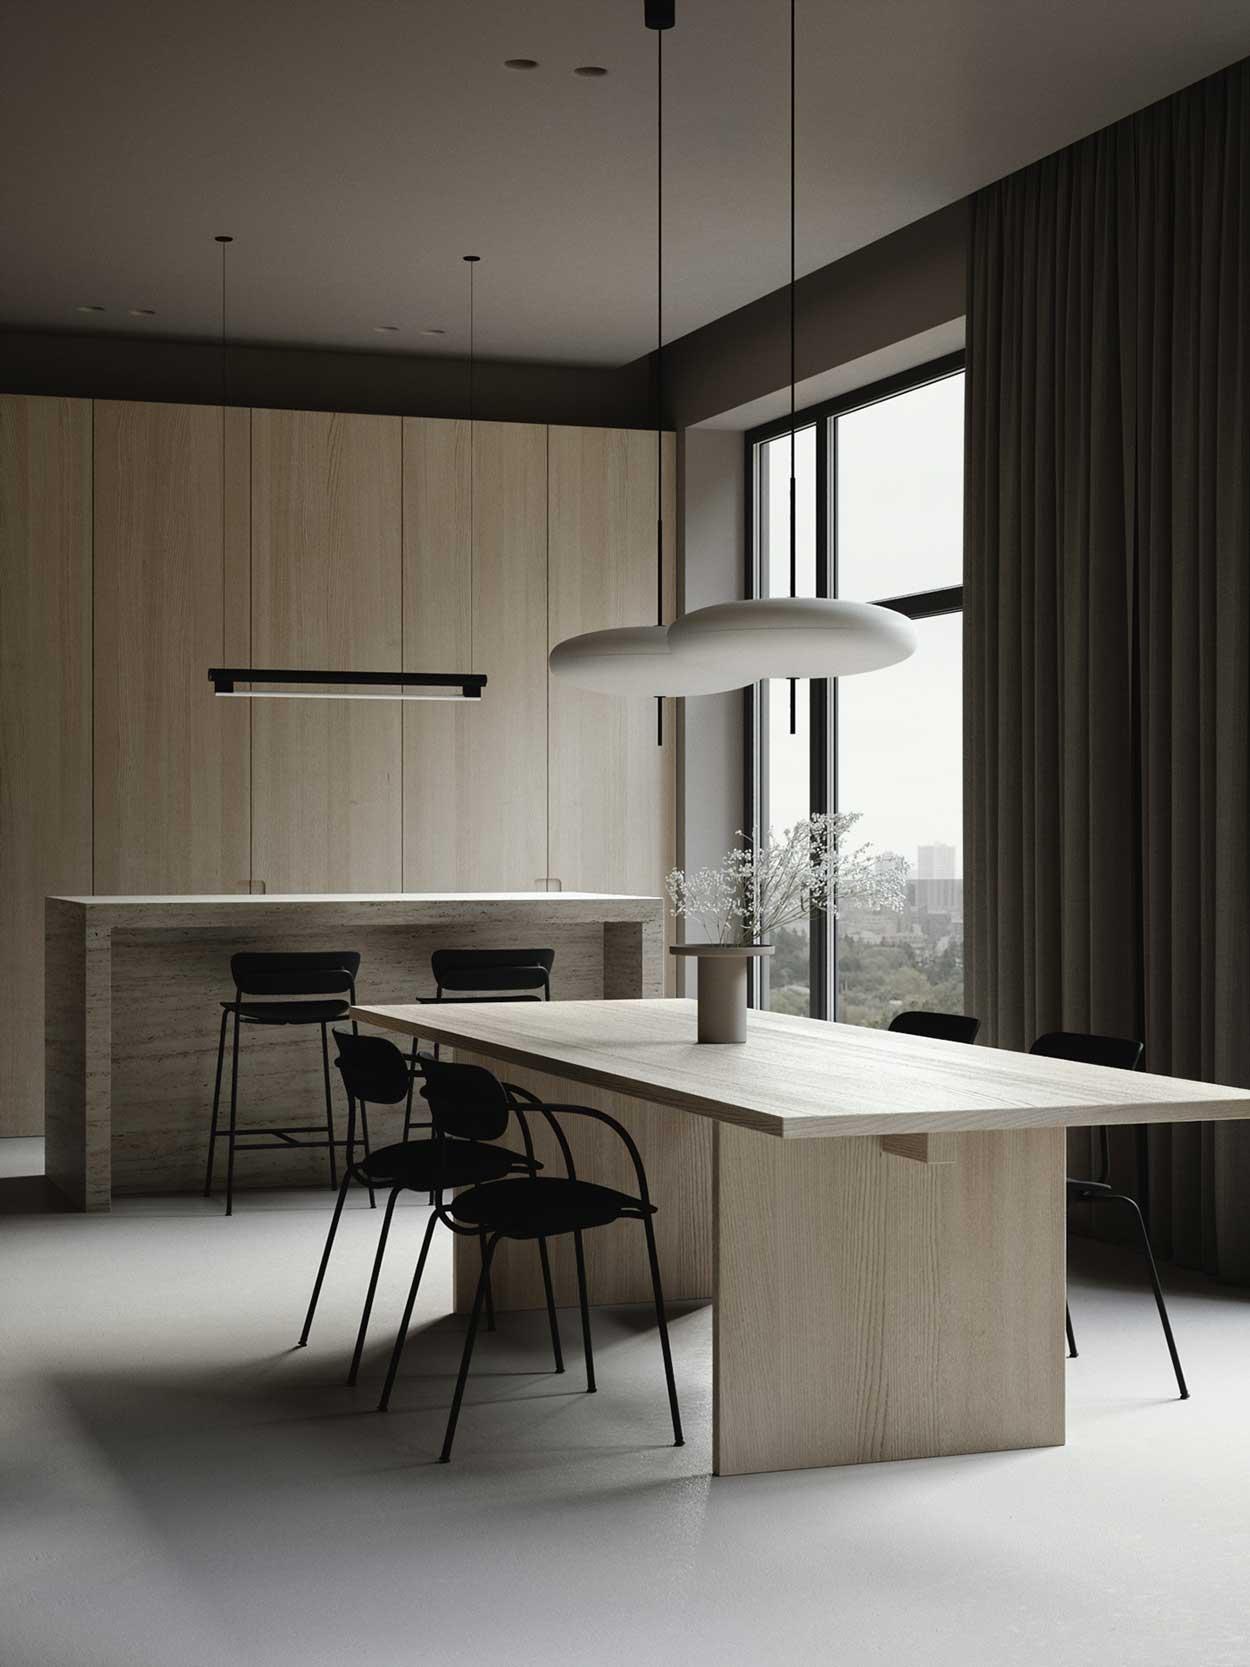 Une salle à manger minimaliste aux couleurs claires et fraîches réchauffées par un rideau